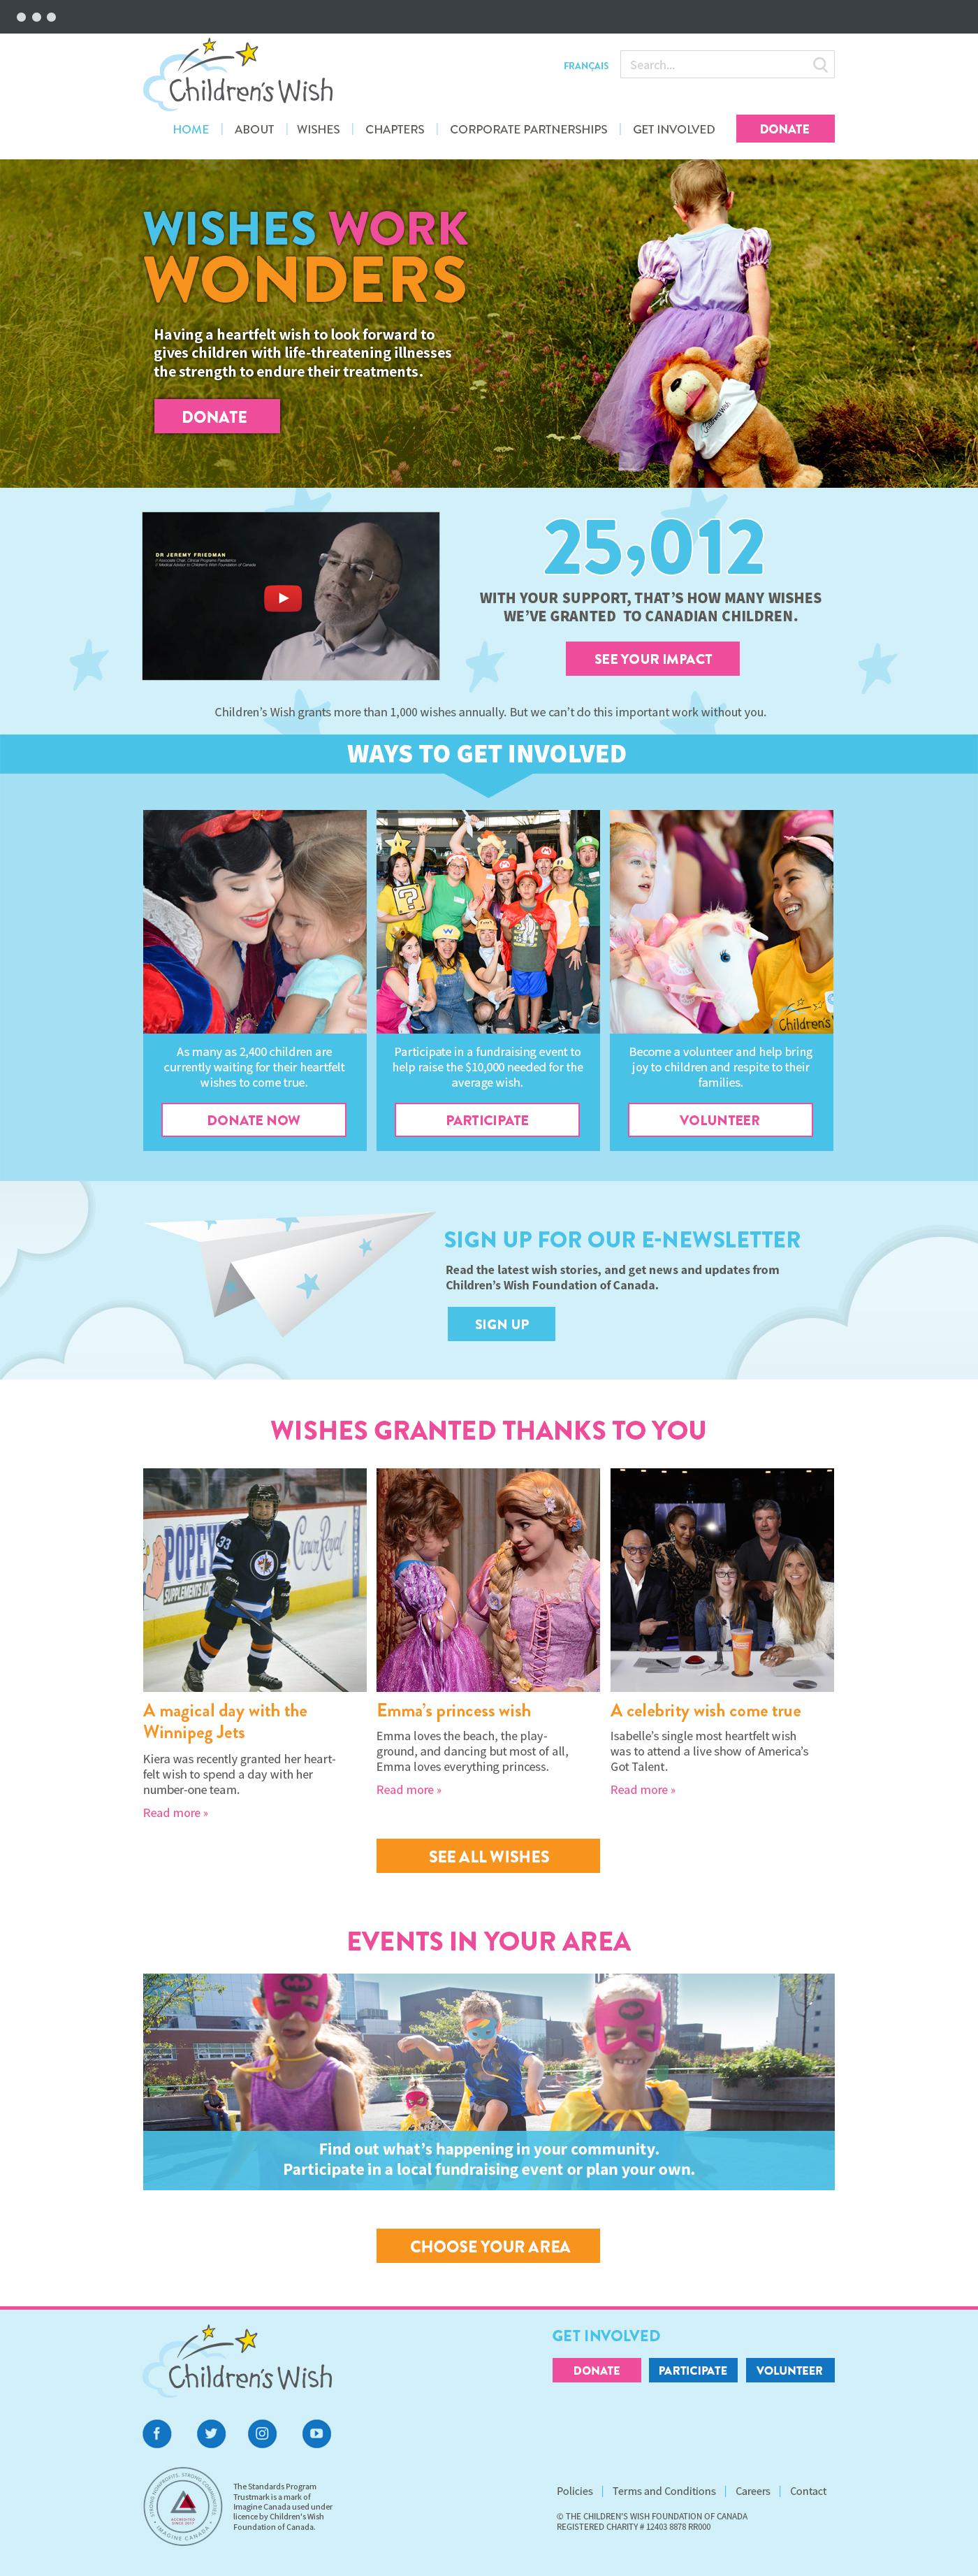 Children's Wish Foundation homepage design